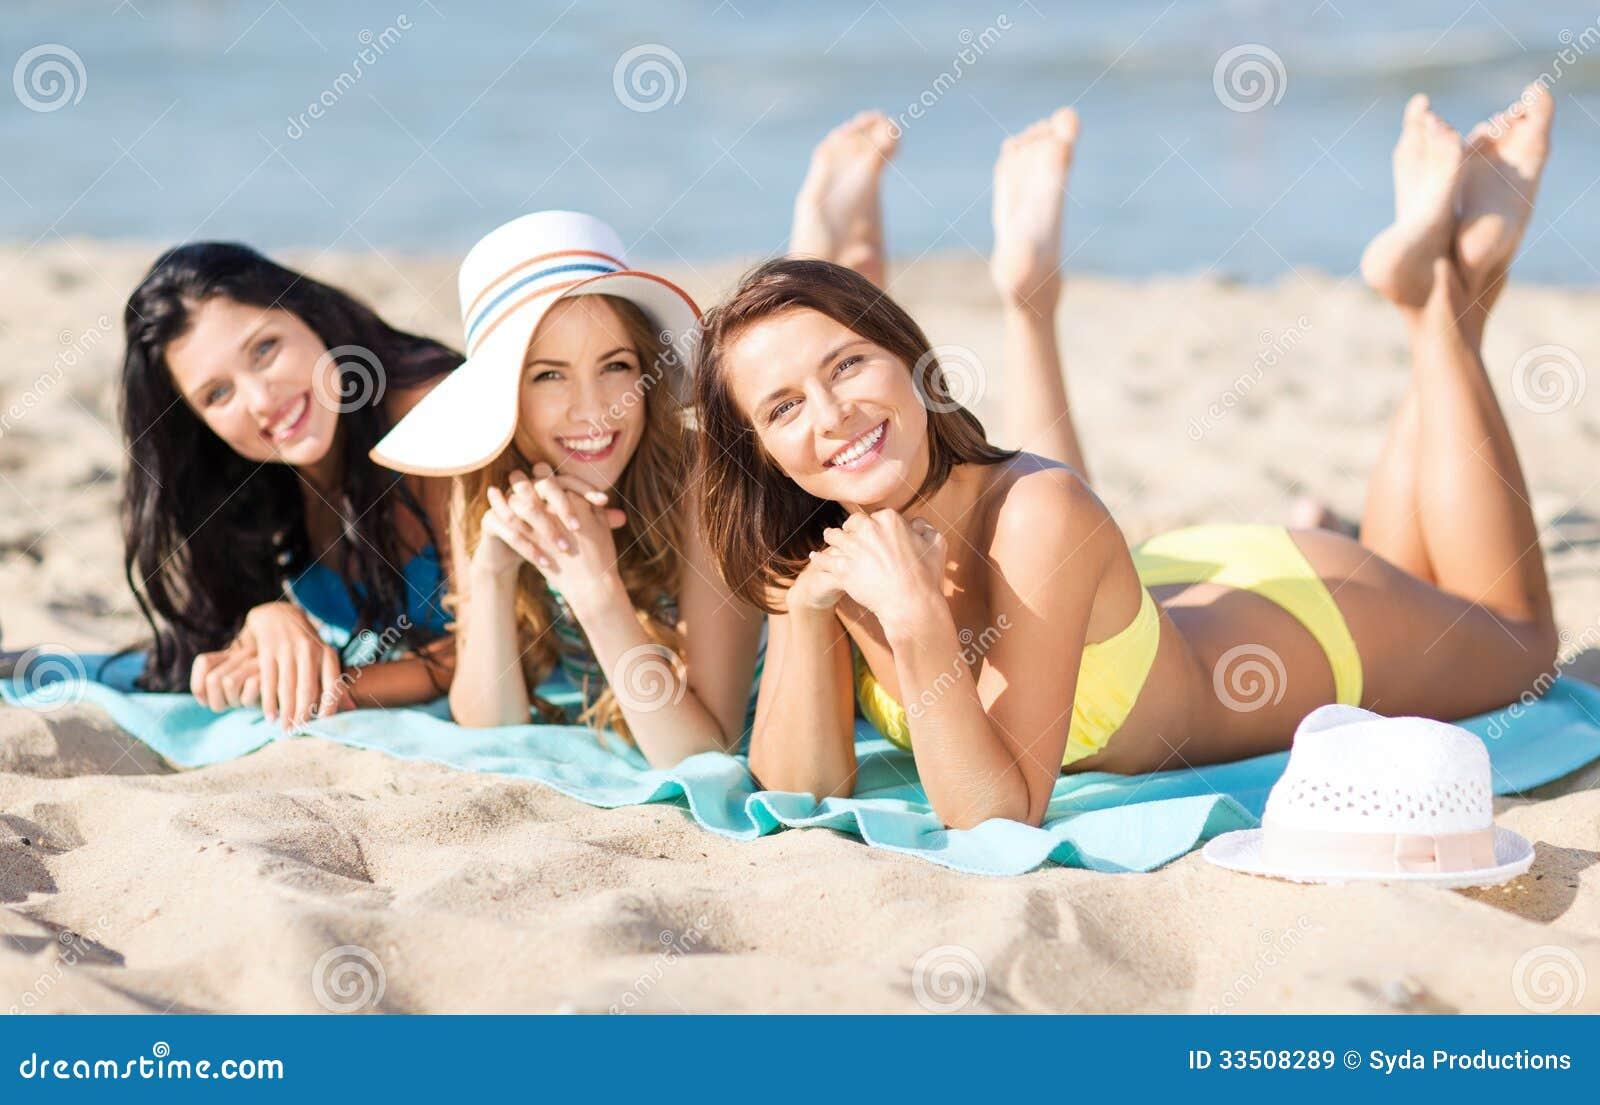 Фото девушка принимает солнечные ванну 7 фотография